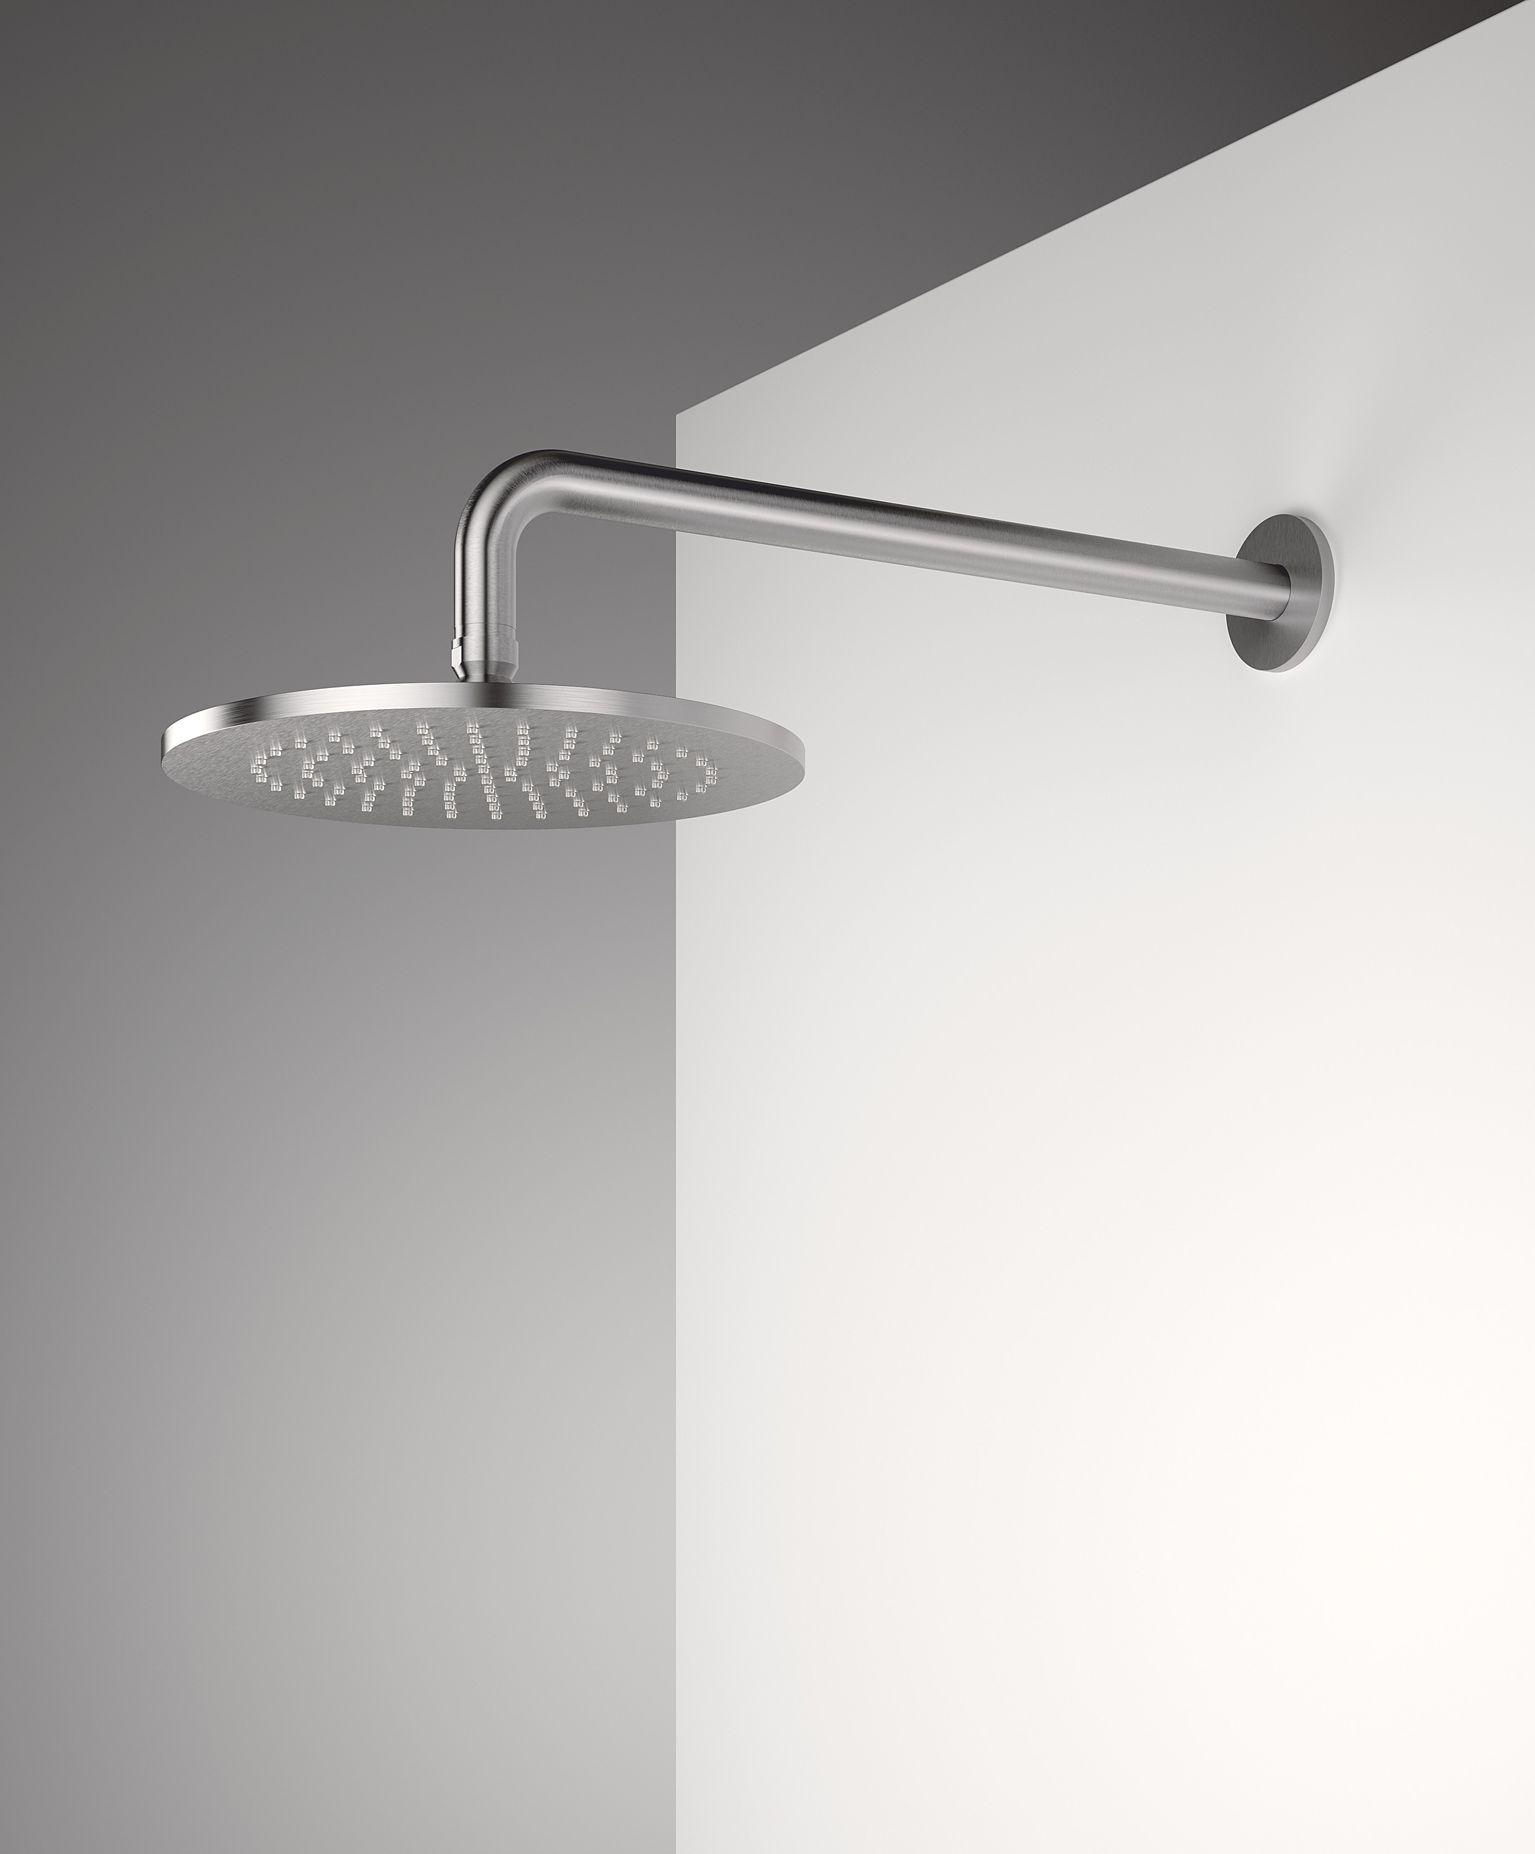 Zazzeri Z316 Shower Collection_Braccio con soffione Ø220